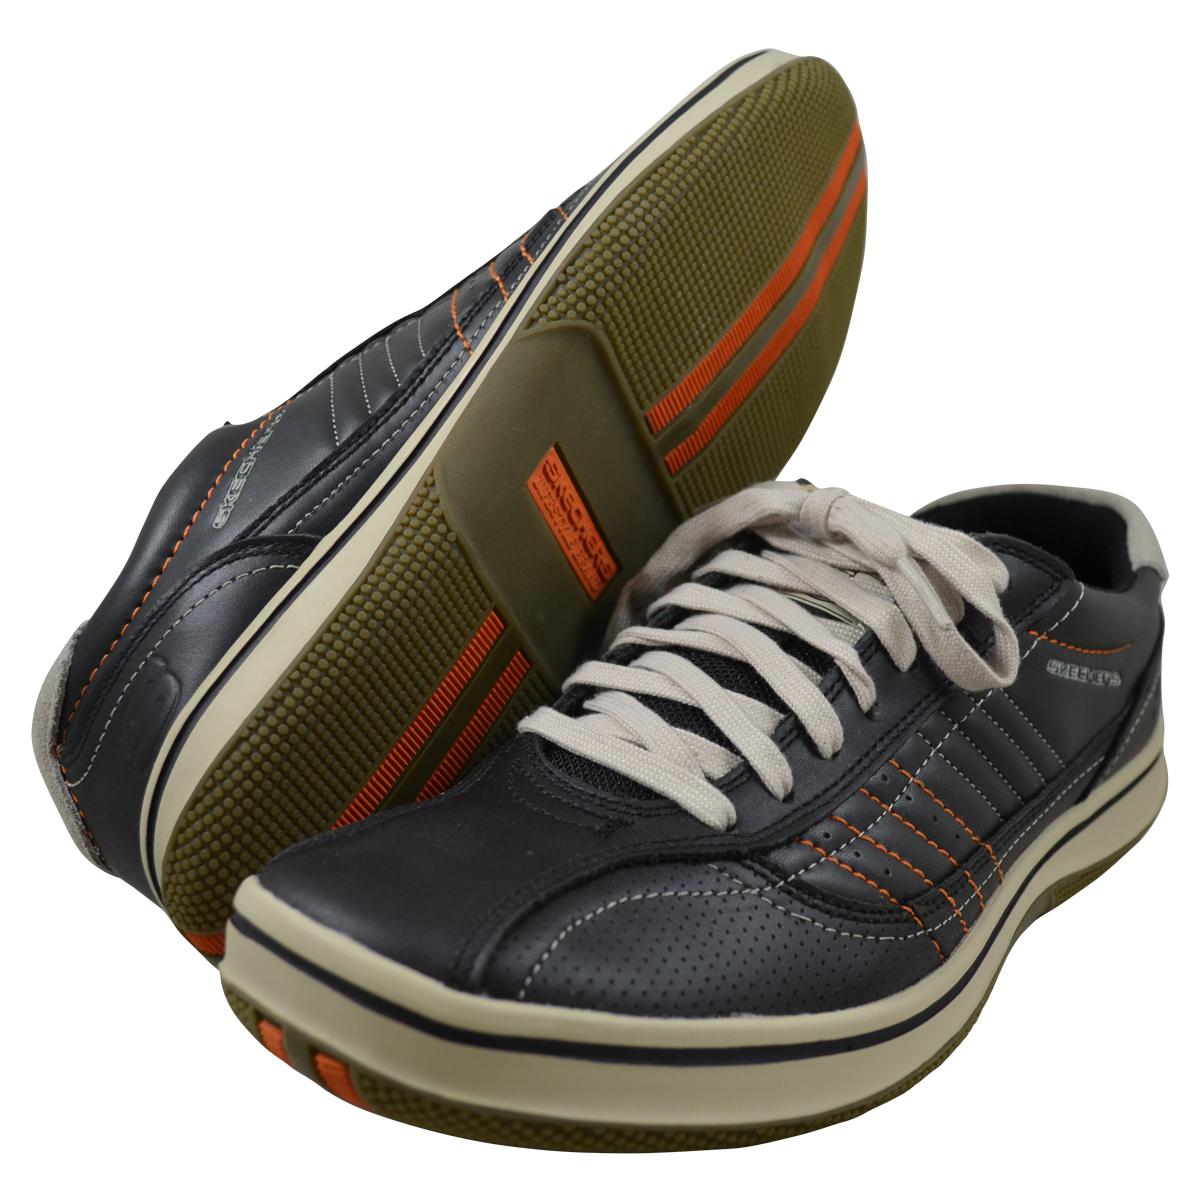 Skechers Mens Piers Black Fashion Sneakers 50620-BLK | EBay